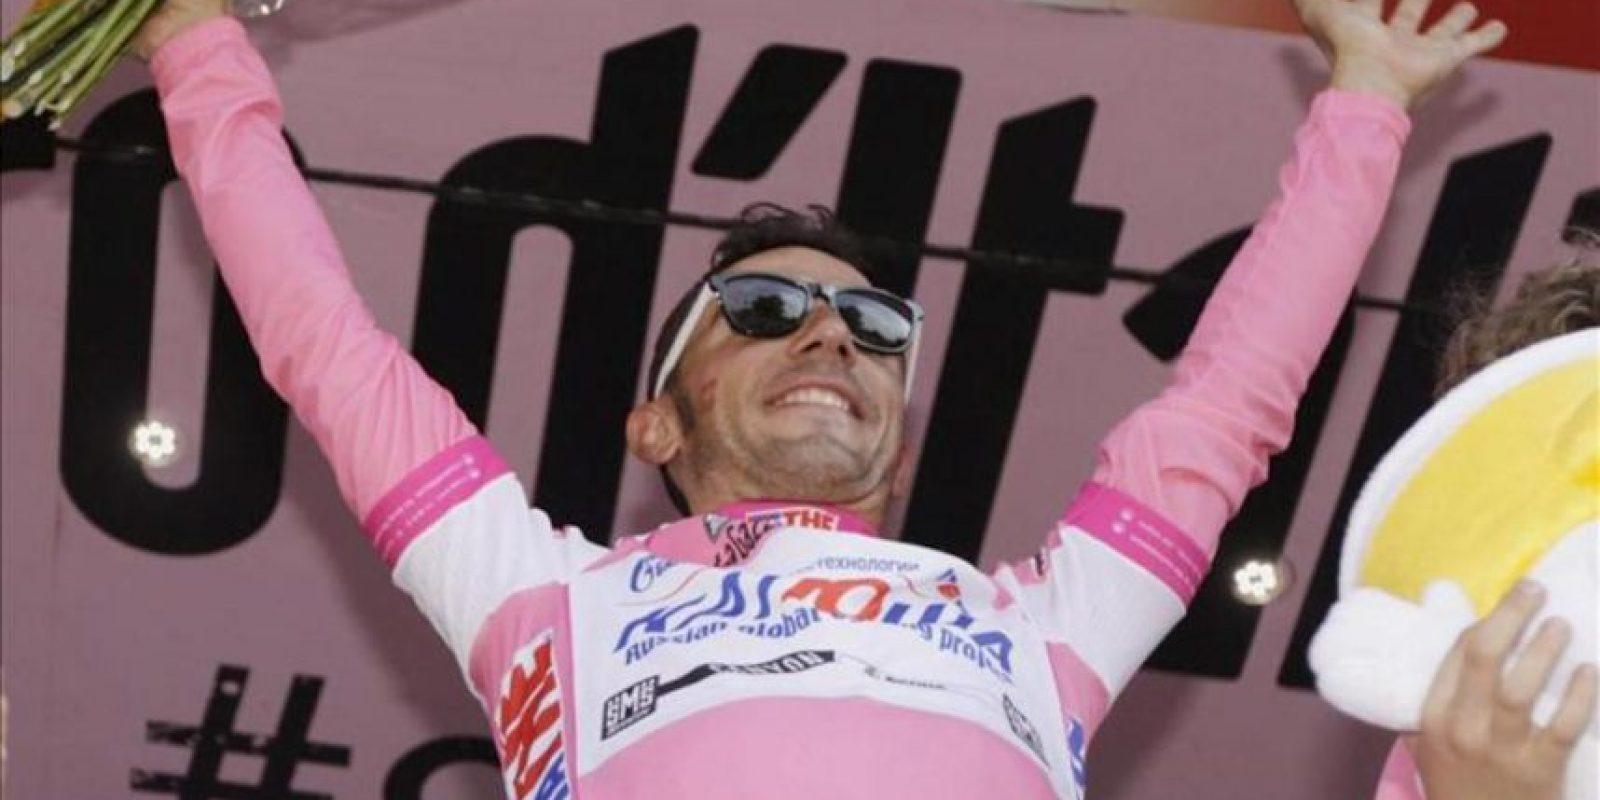 El ciclista español del Katusha, Joaquim 'Purito' Rodríguez, celebra en el podio el liderato provisional en la clasificación general tras la decimoctava etapa del Giro d'Italia. EFE